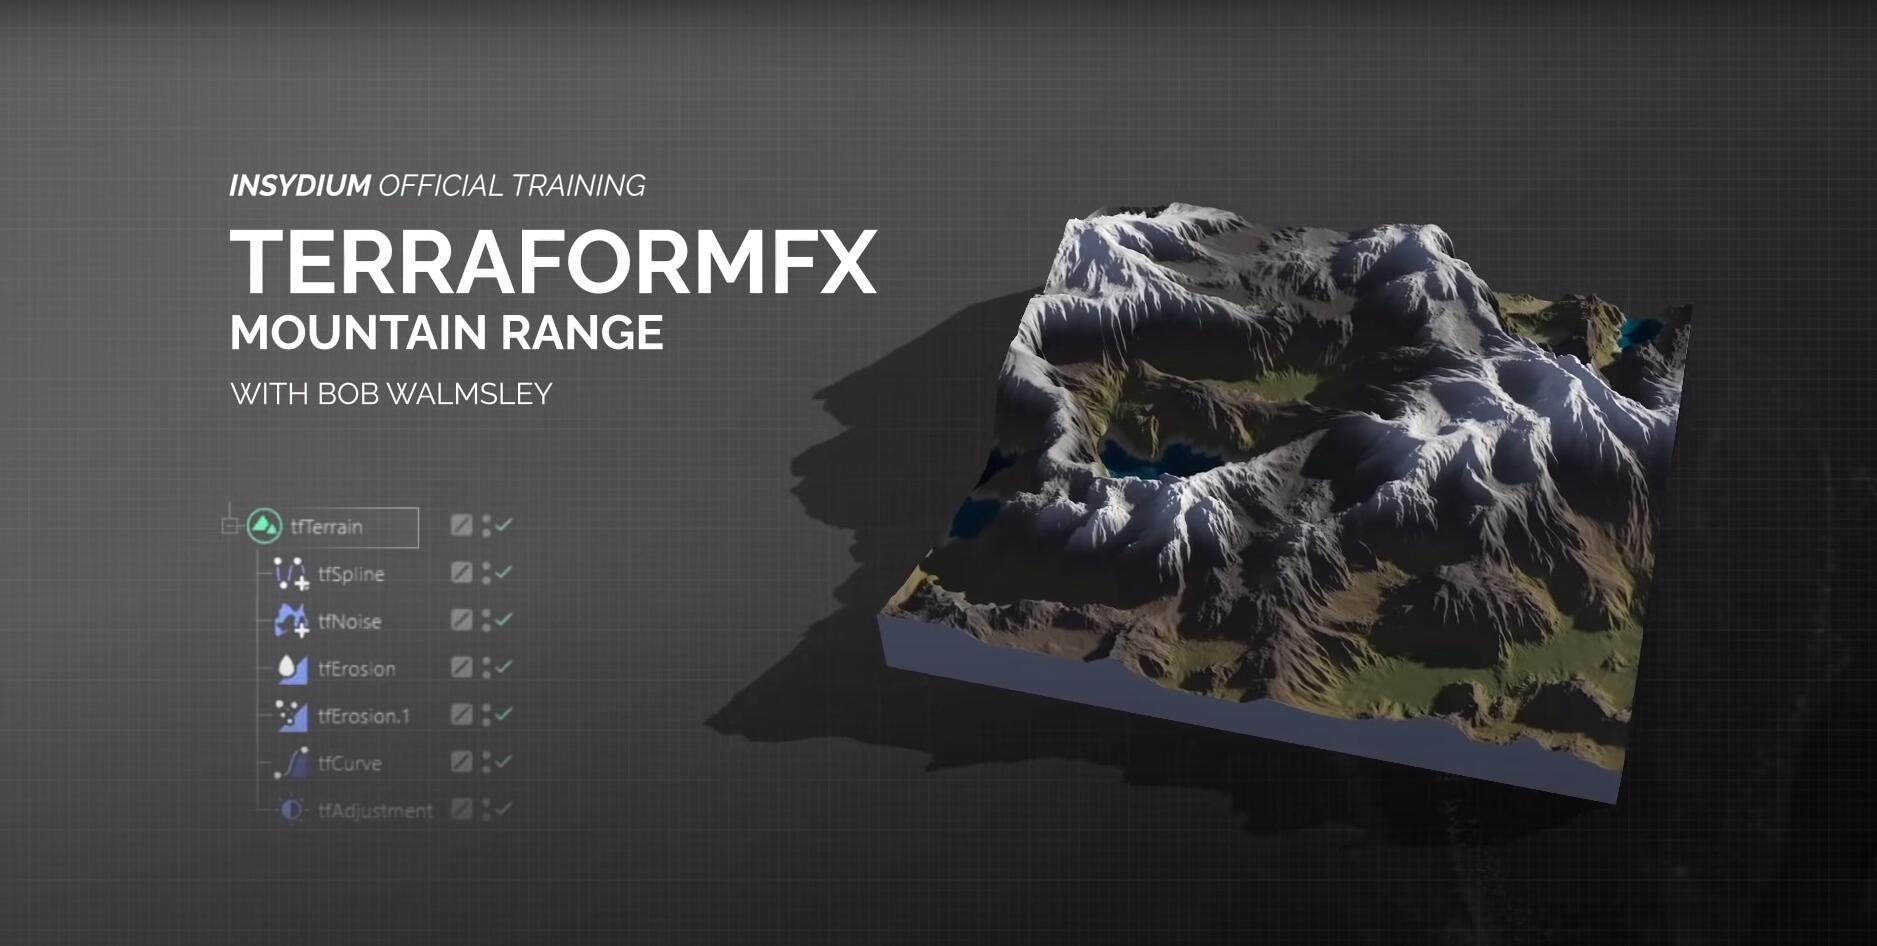 C4素材网-C4D教程-官方TerraformFX地形制作教程